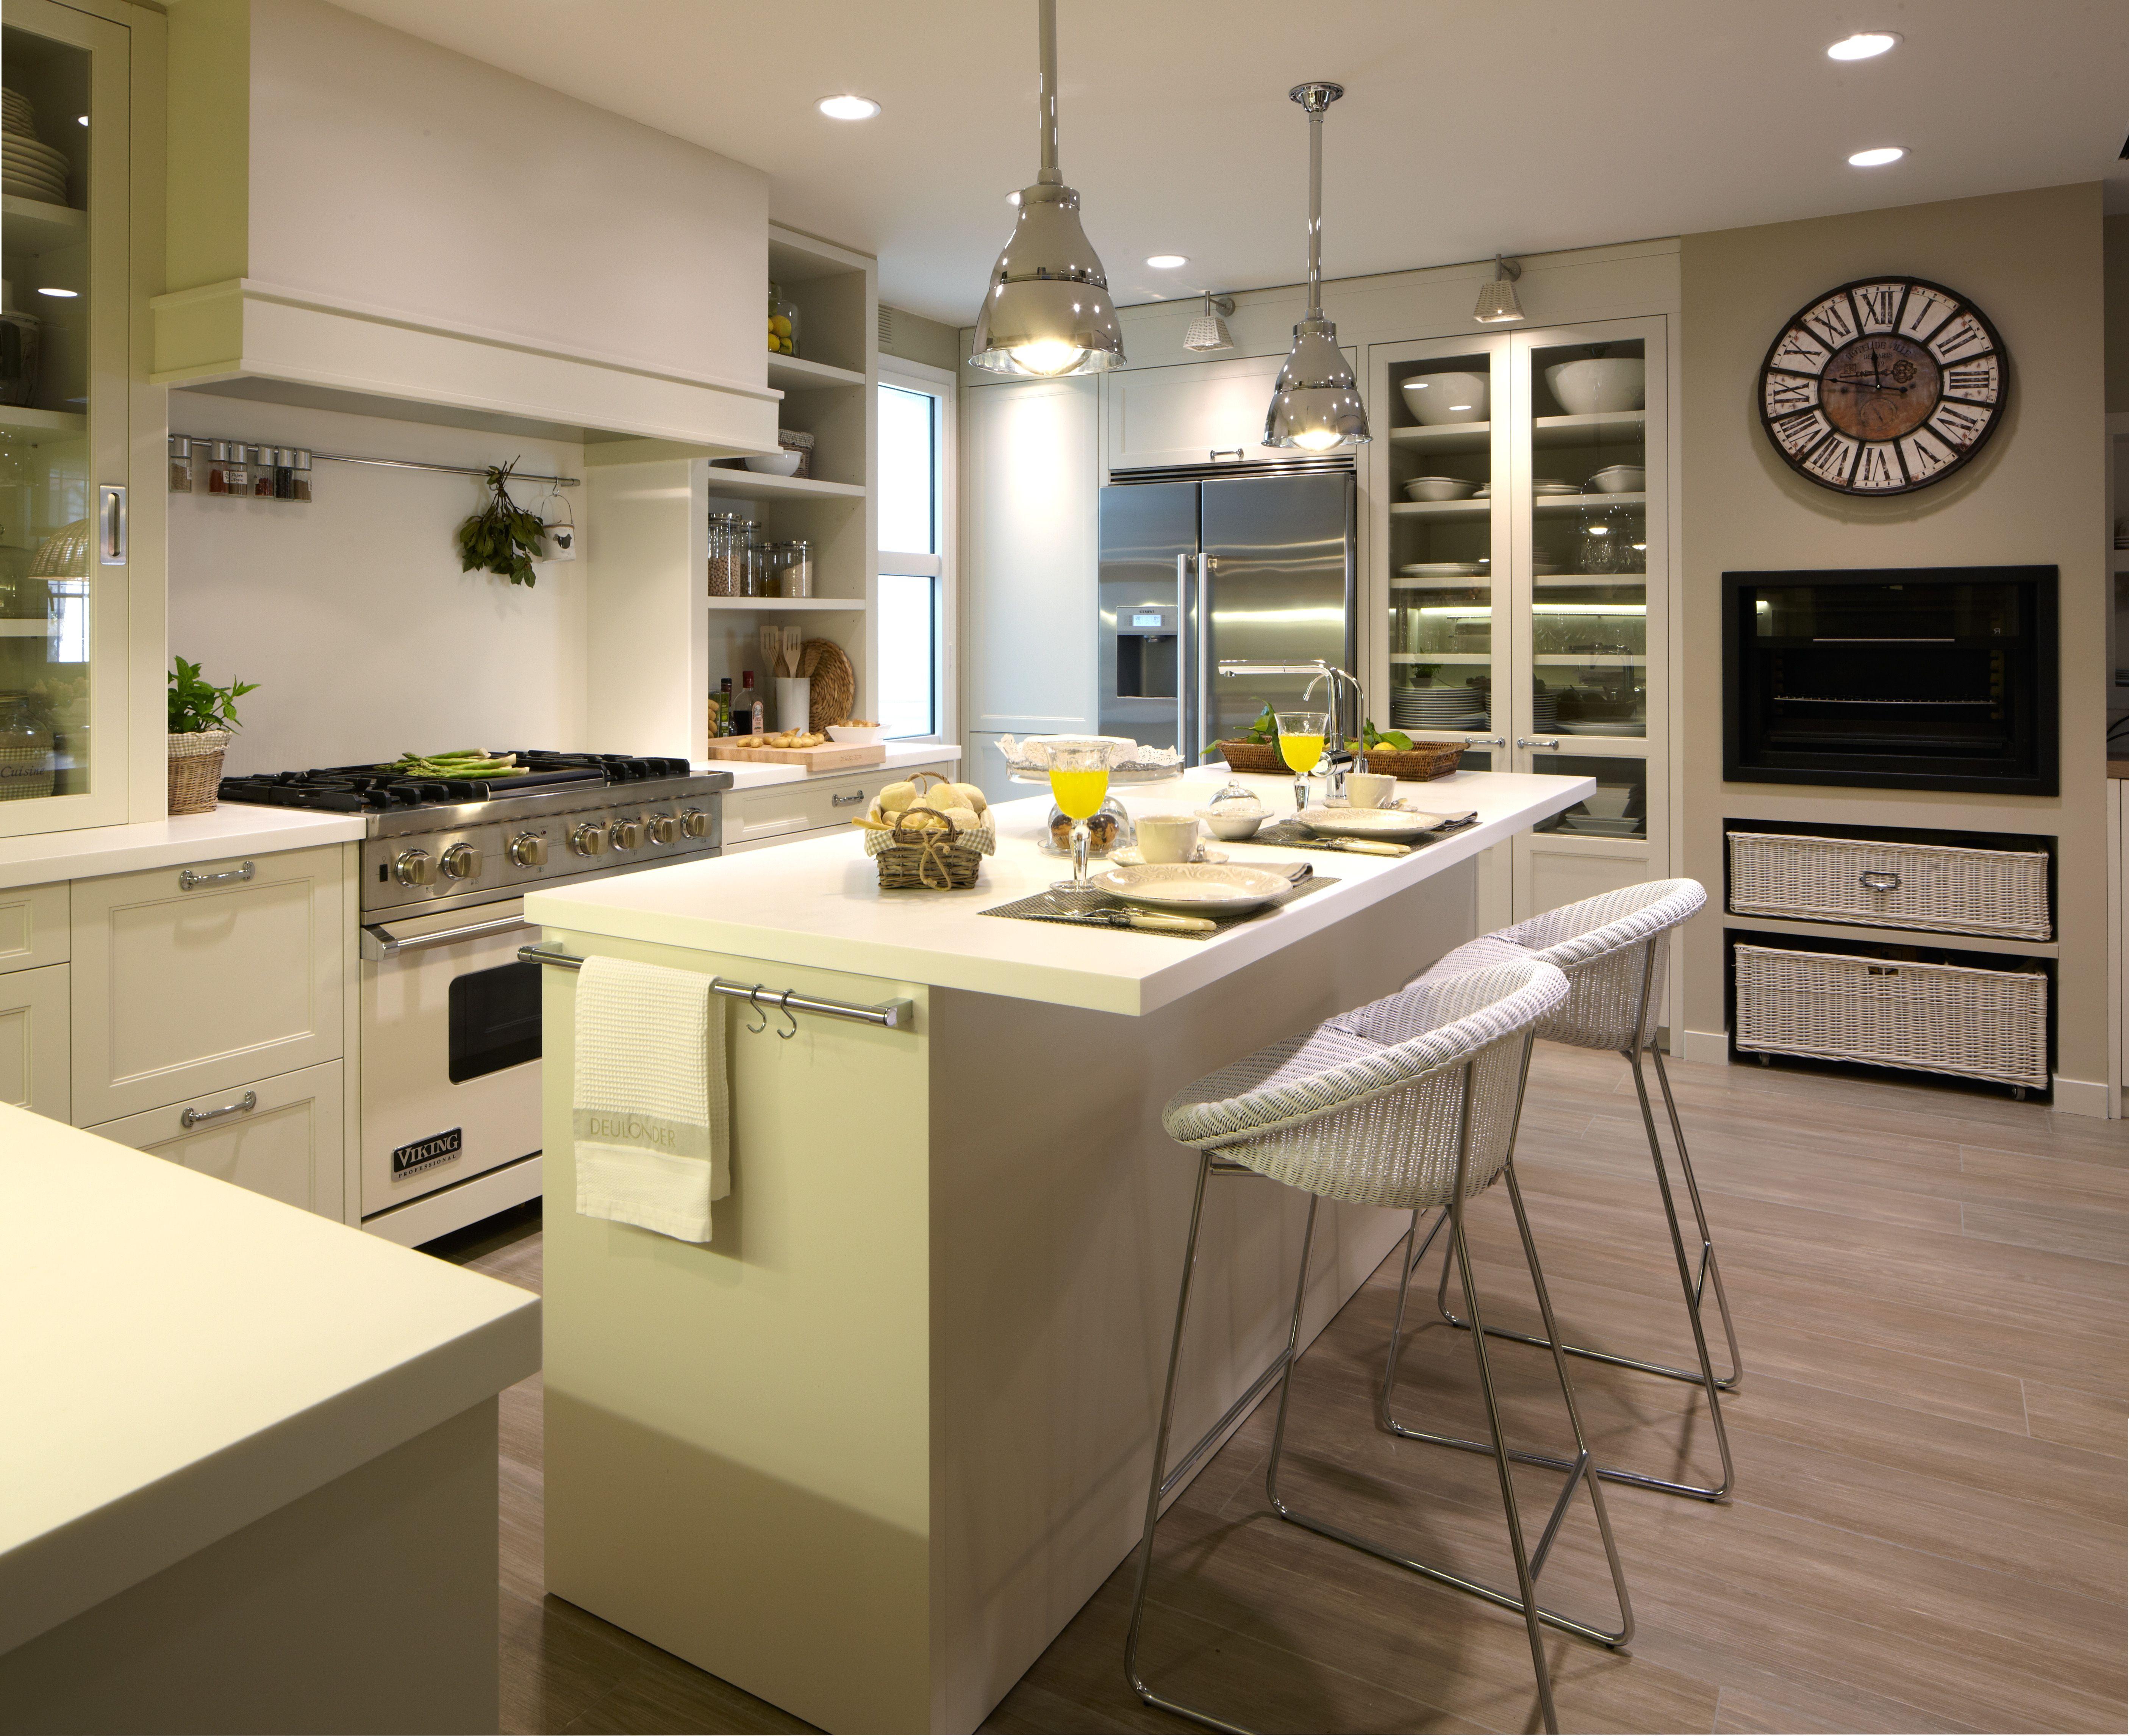 Dise o de cocinas modernas proyectos y mobiliario casa for Mobiliario 8 80